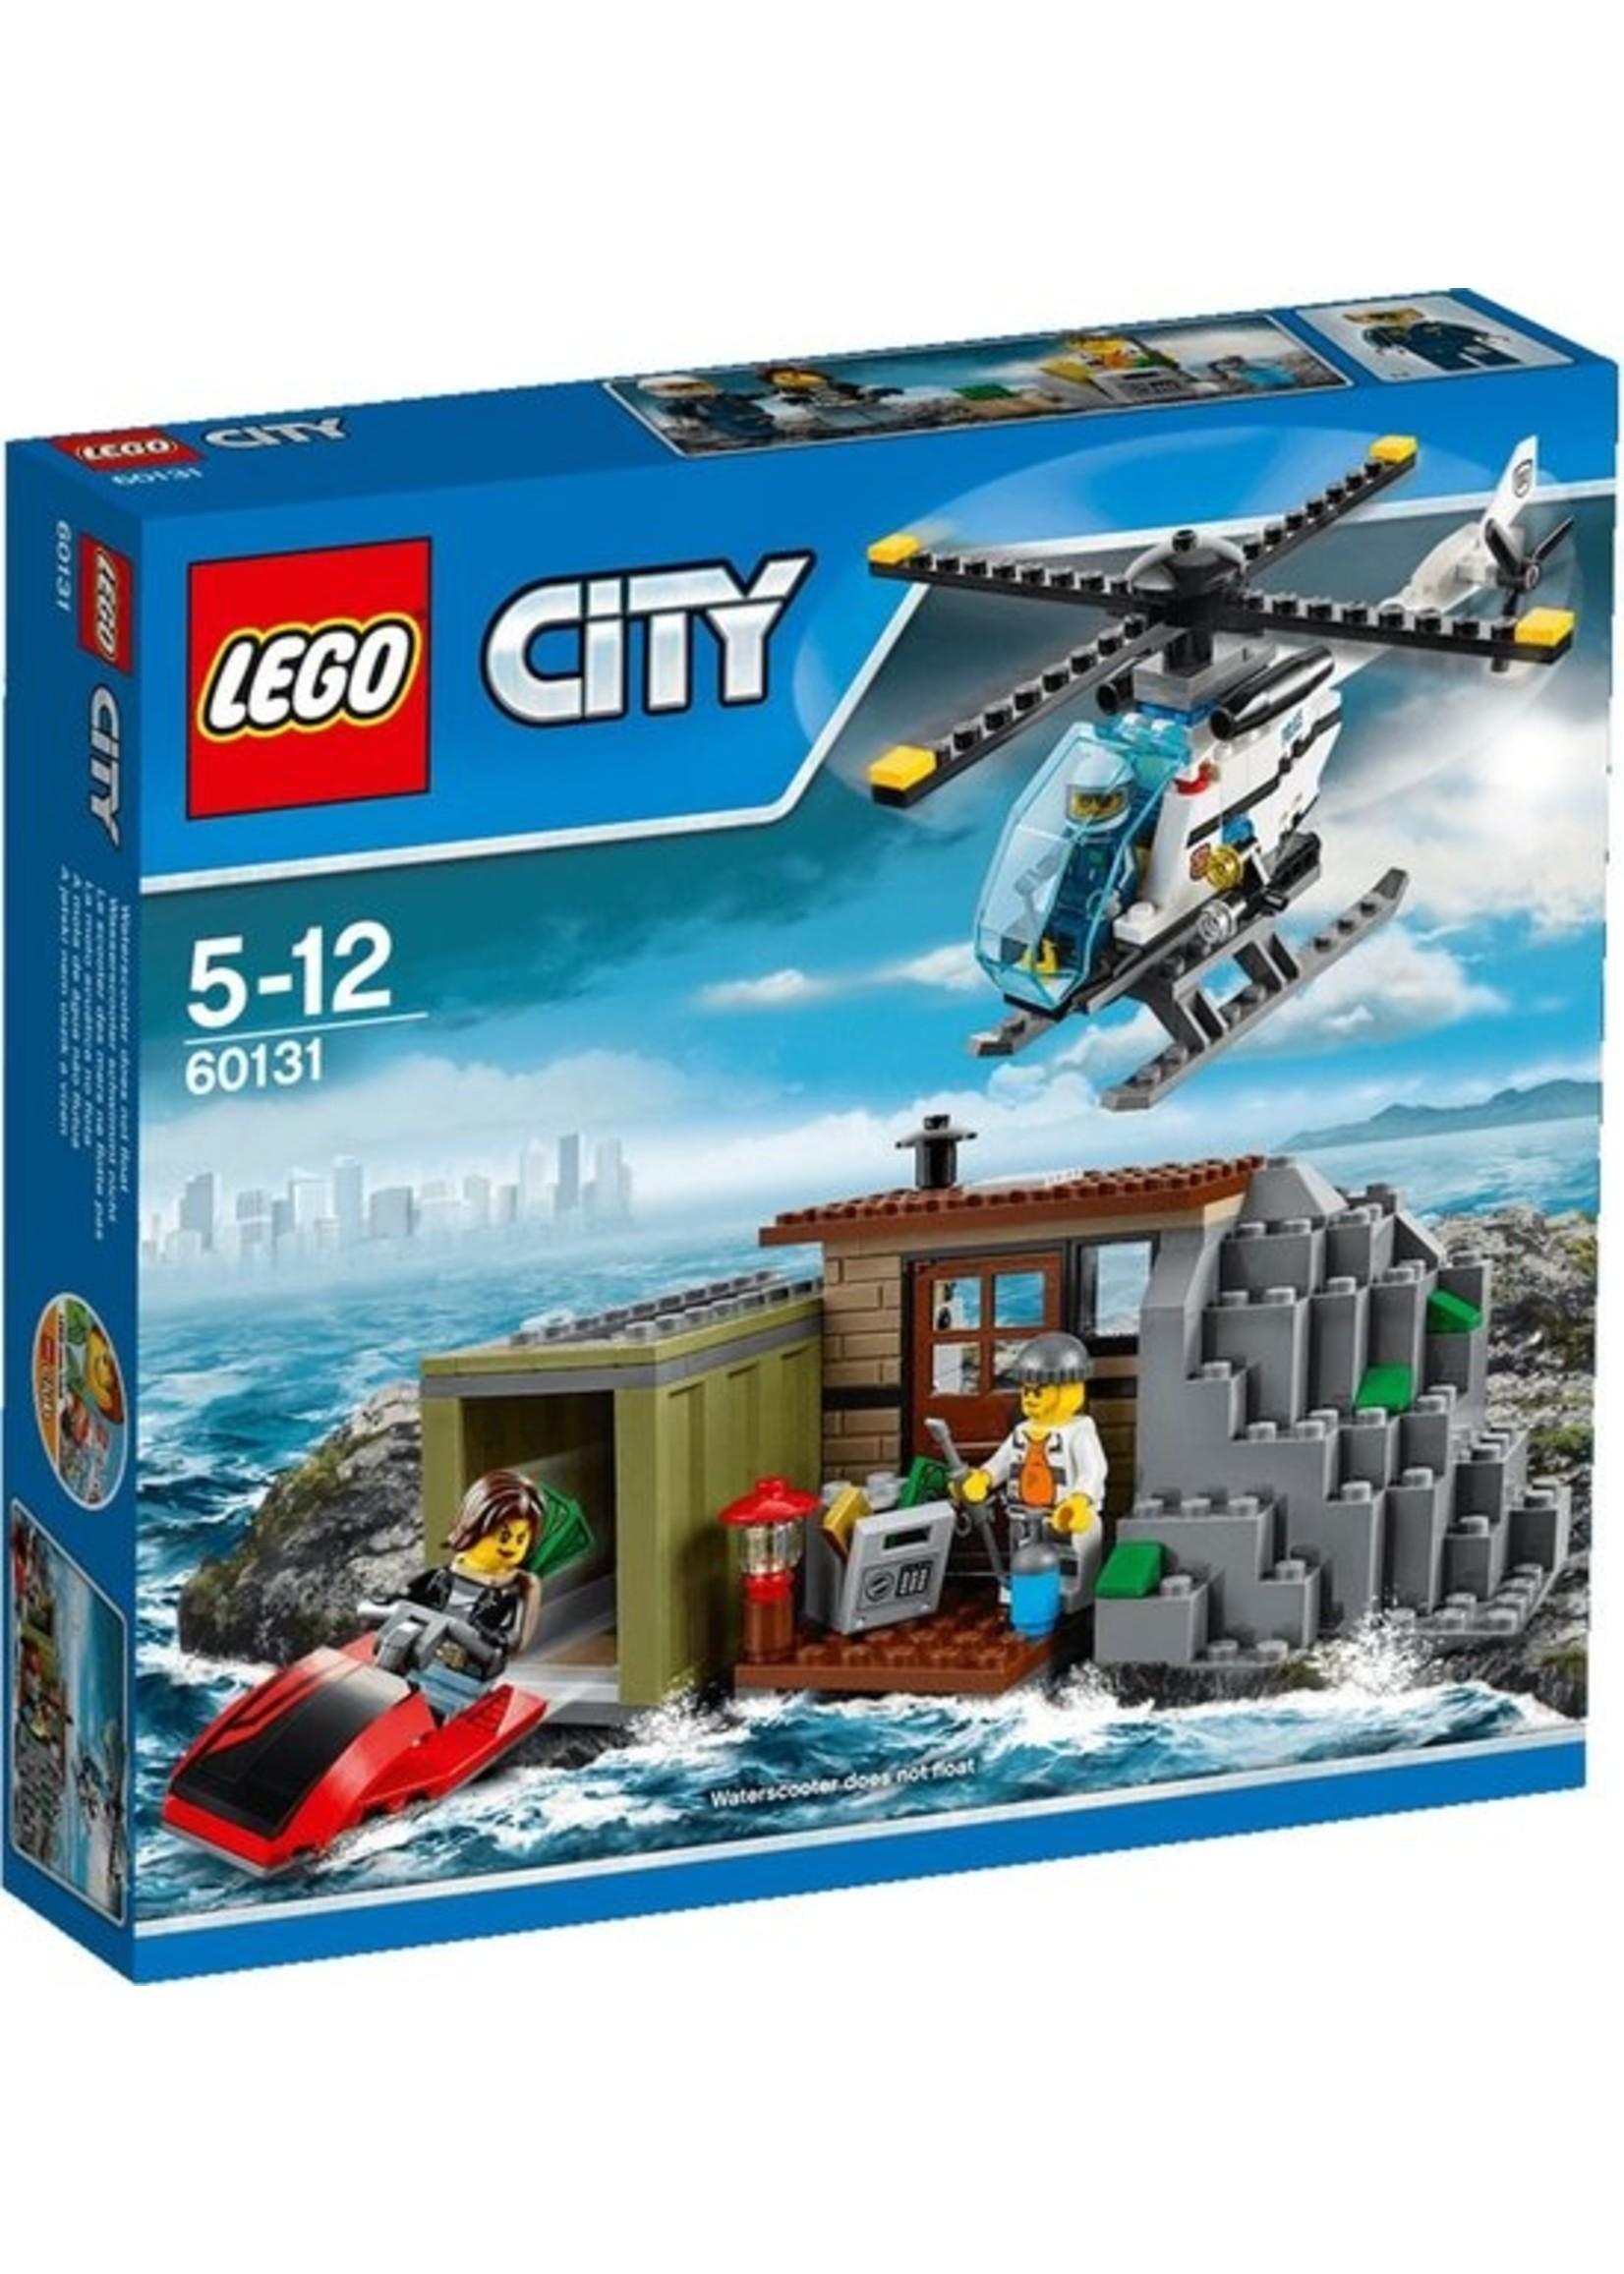 LEGO CITY 60131